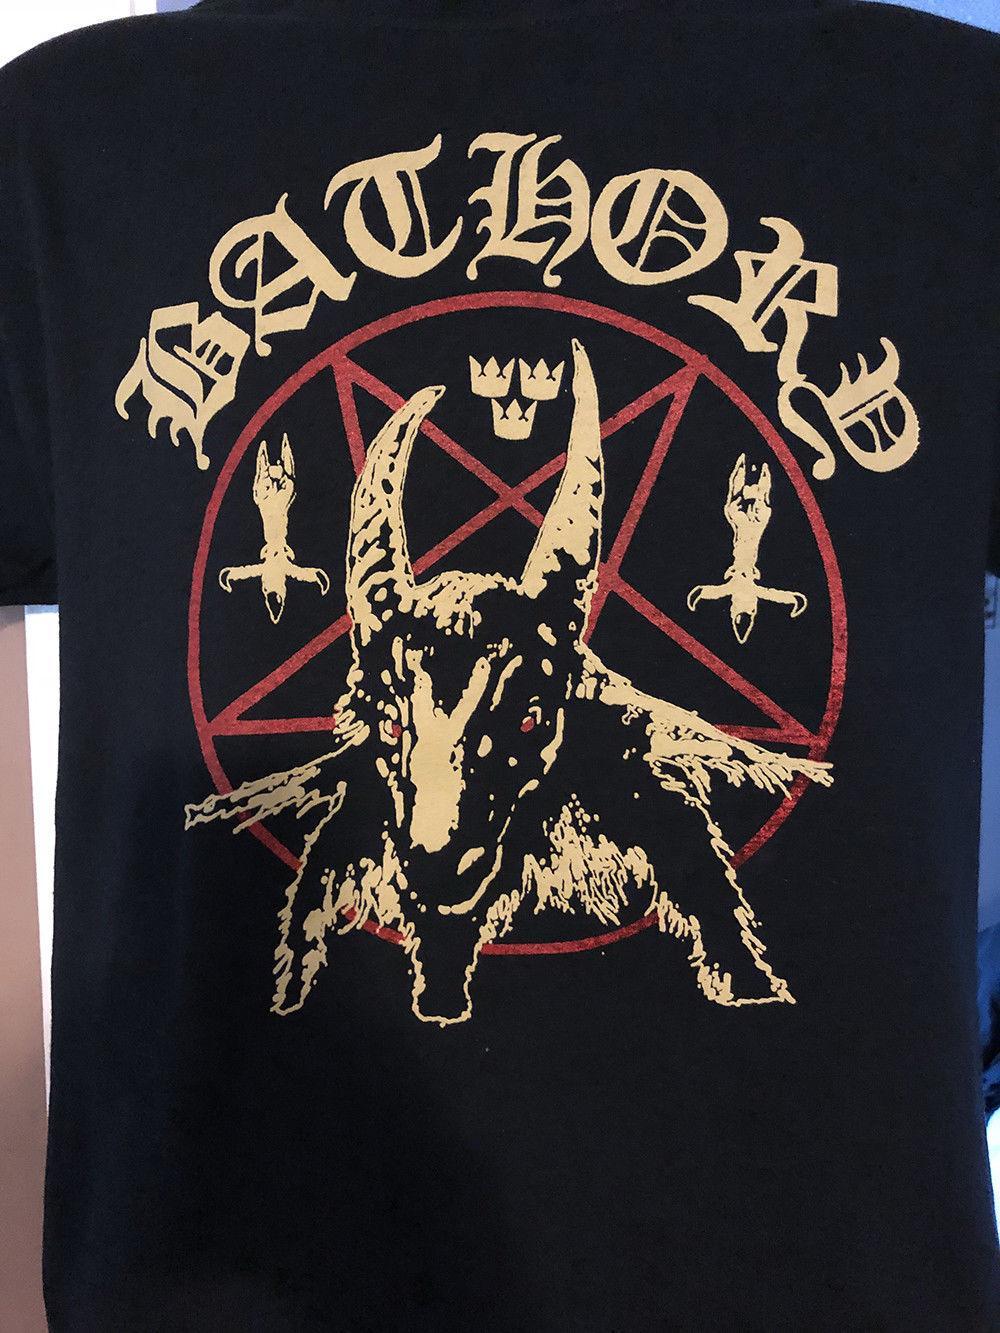 57e6a138f3f8 Bathory T Shirt Black Metal Venom Custom T Shirt Logo Text Photo Mens Womens  T Shirt Men Tshirt Rock Unisex T Shirt Fashion Cool Design And Buy T Shirts  Tee ...